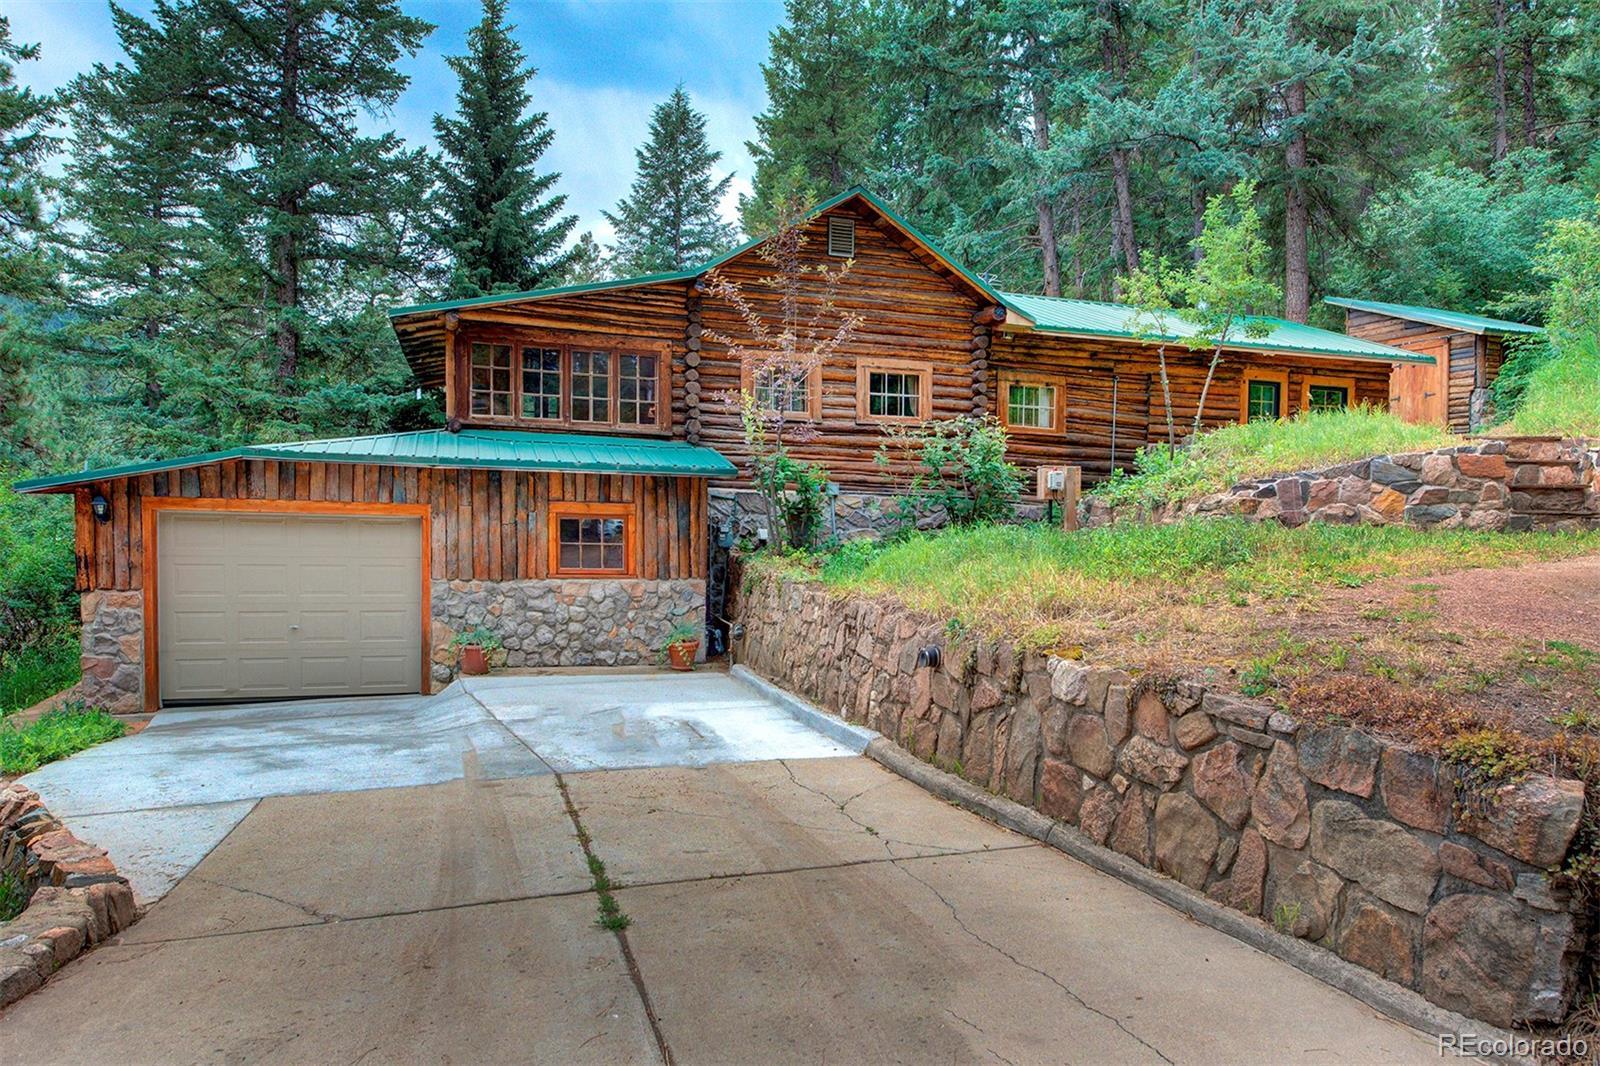 MLS# 8680626 - 1 - 5742 Santa Clara Road, Indian Hills, CO 80454